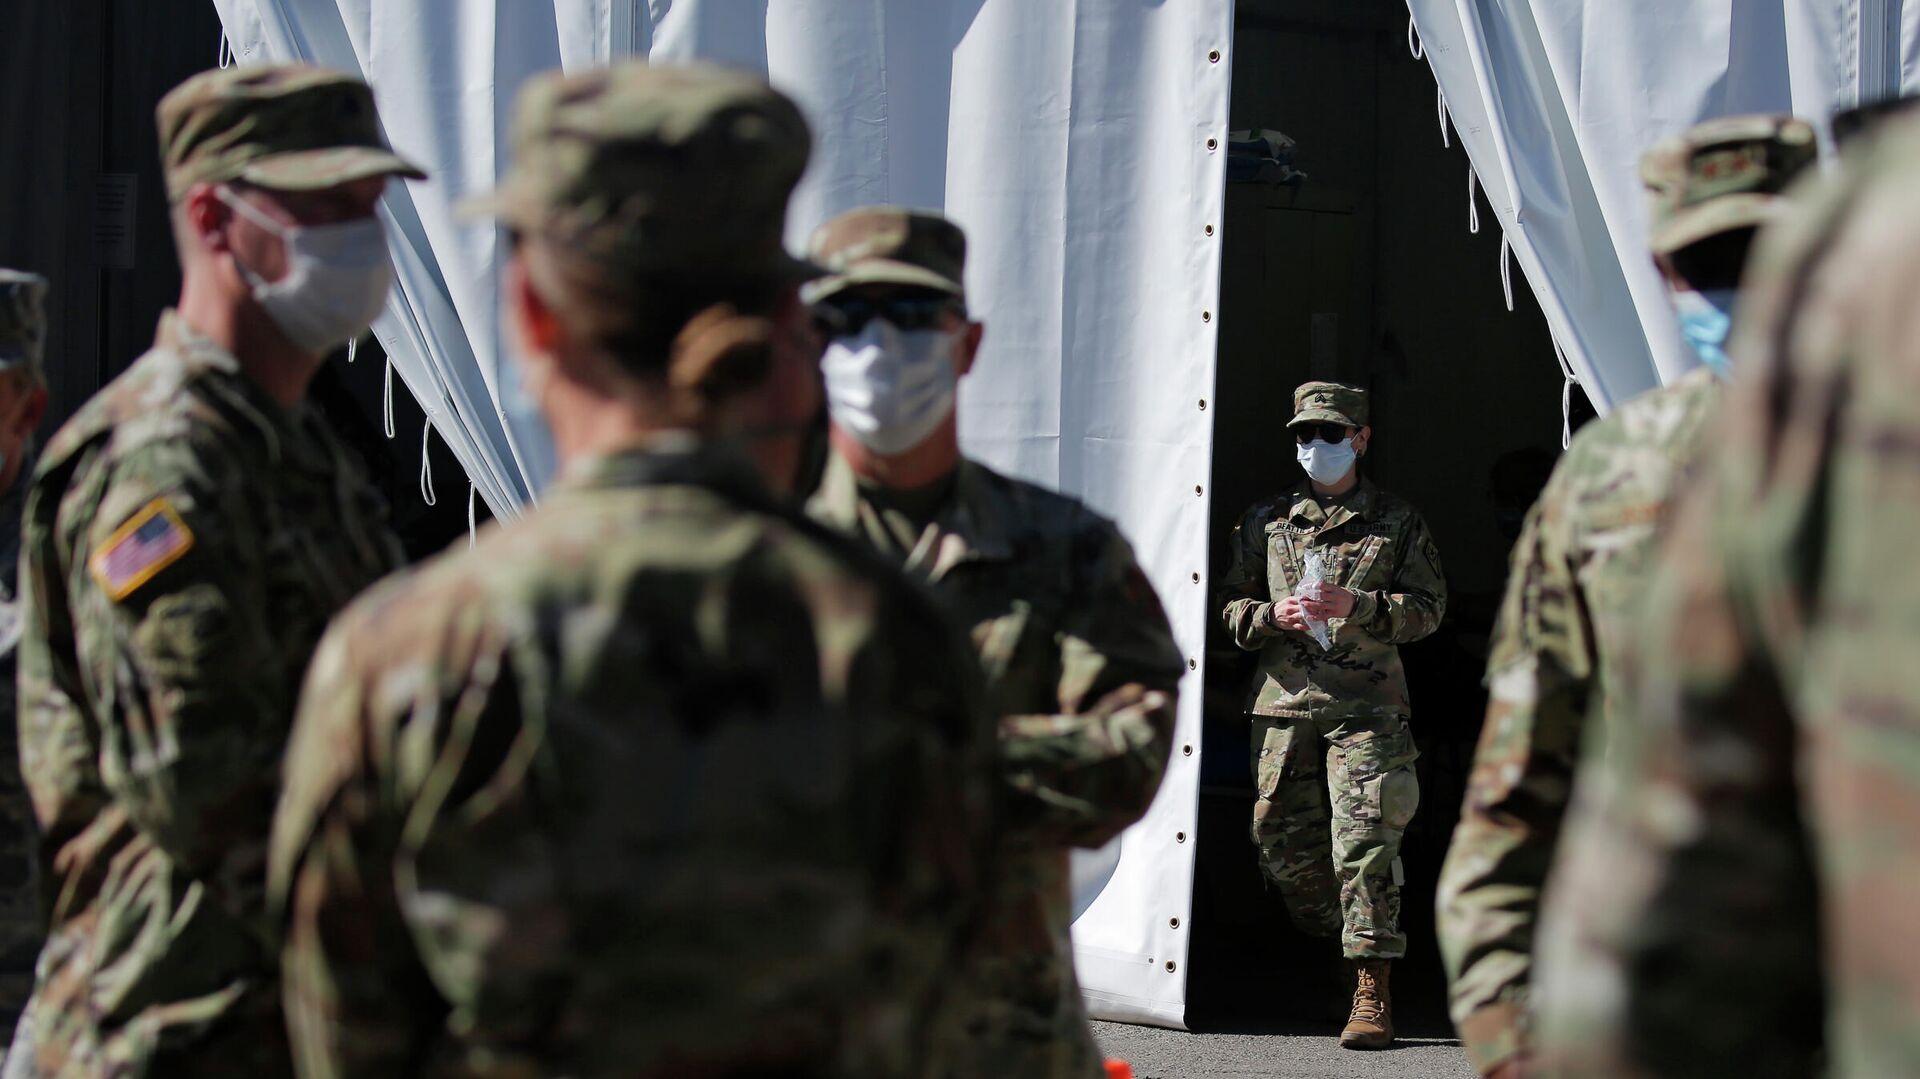 Военнослужащие армии США проходят тестирование на коронавирус в Лас-Вегасе  - РИА Новости, 1920, 17.11.2020